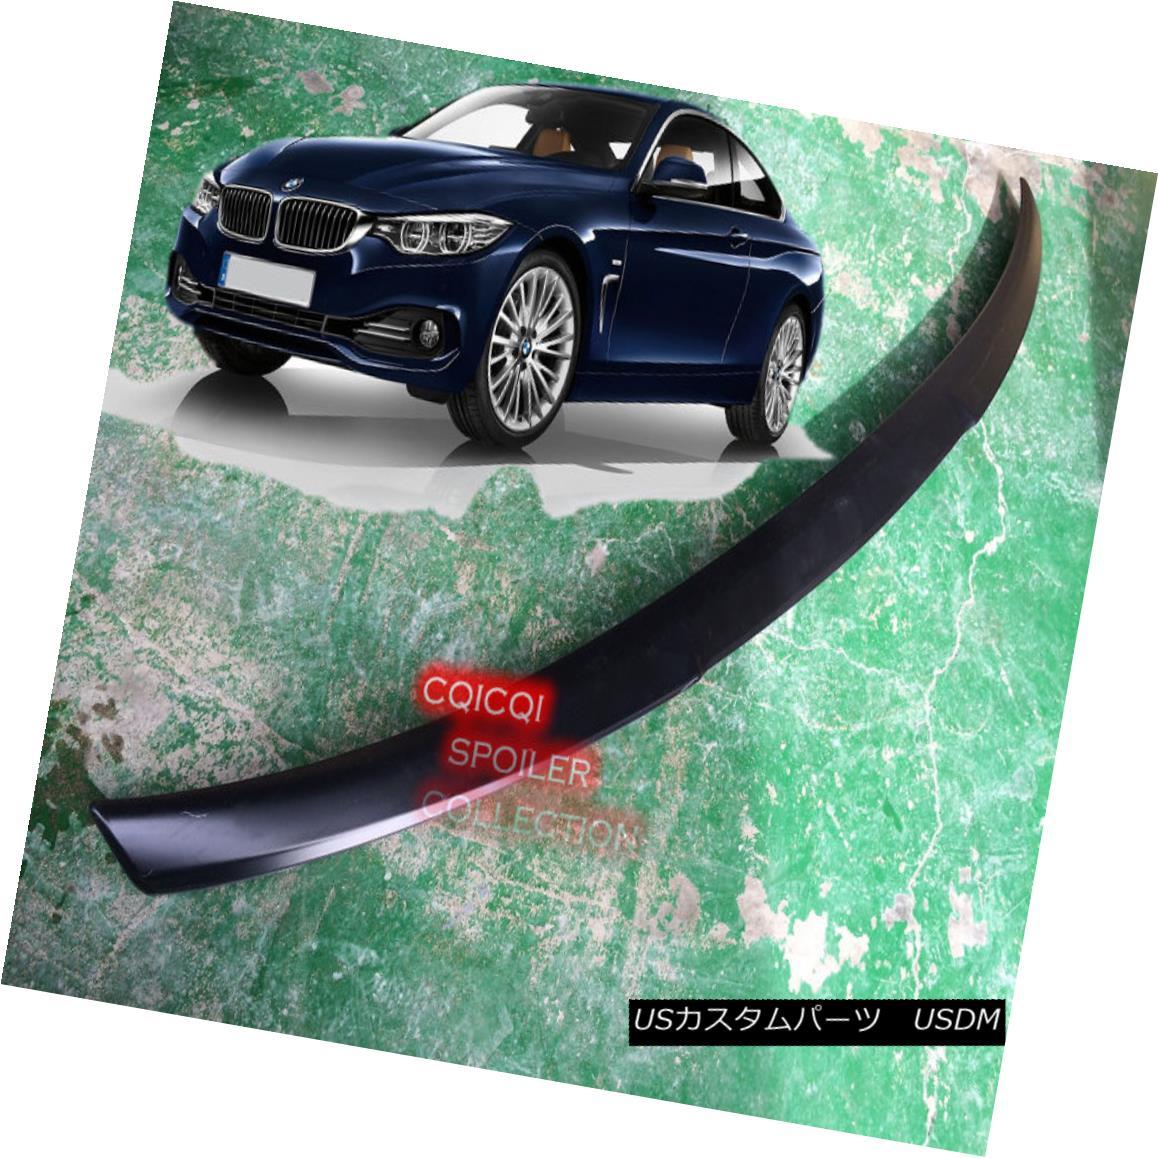 エアロパーツ Painted BMW 2014~2017 F32 4-series coupe M4 type trunk spoiler all color ◎ ペイントされたBMW 2014?2017 F32 4シリーズクーペM4タイプのトランク・スポイラーは全色?